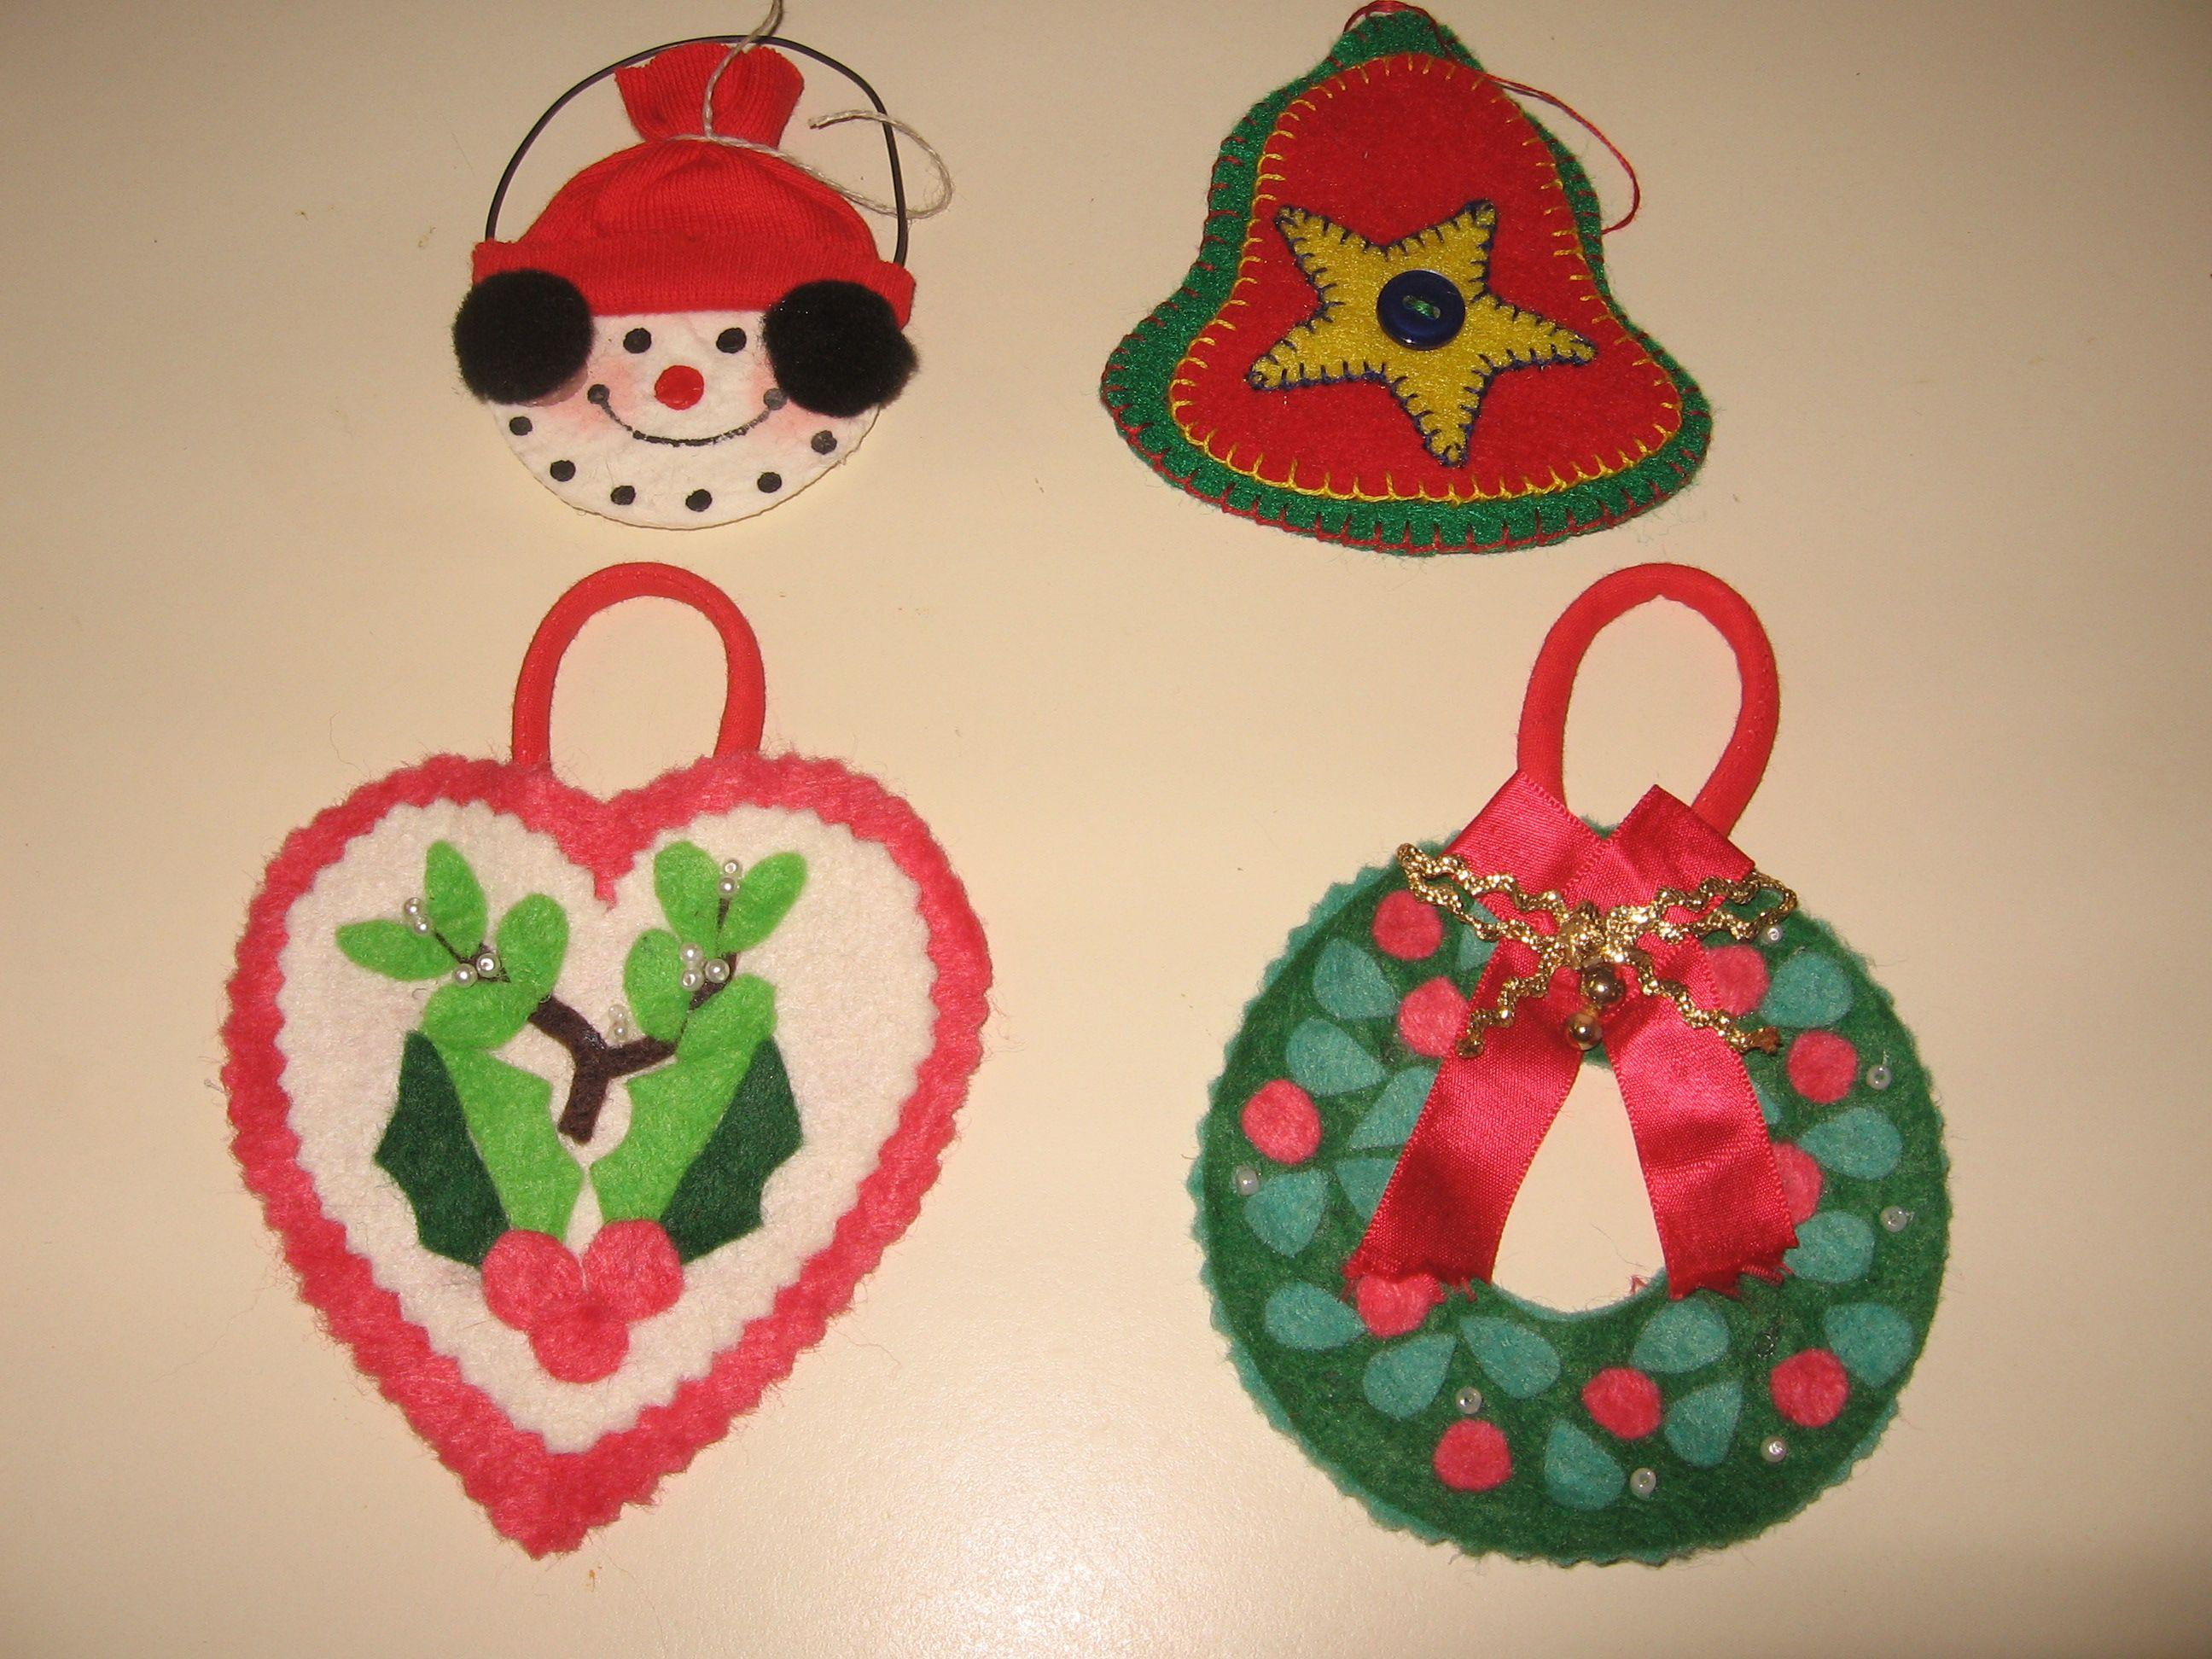 Felt ornaments | Craft Ideas | Pinterest